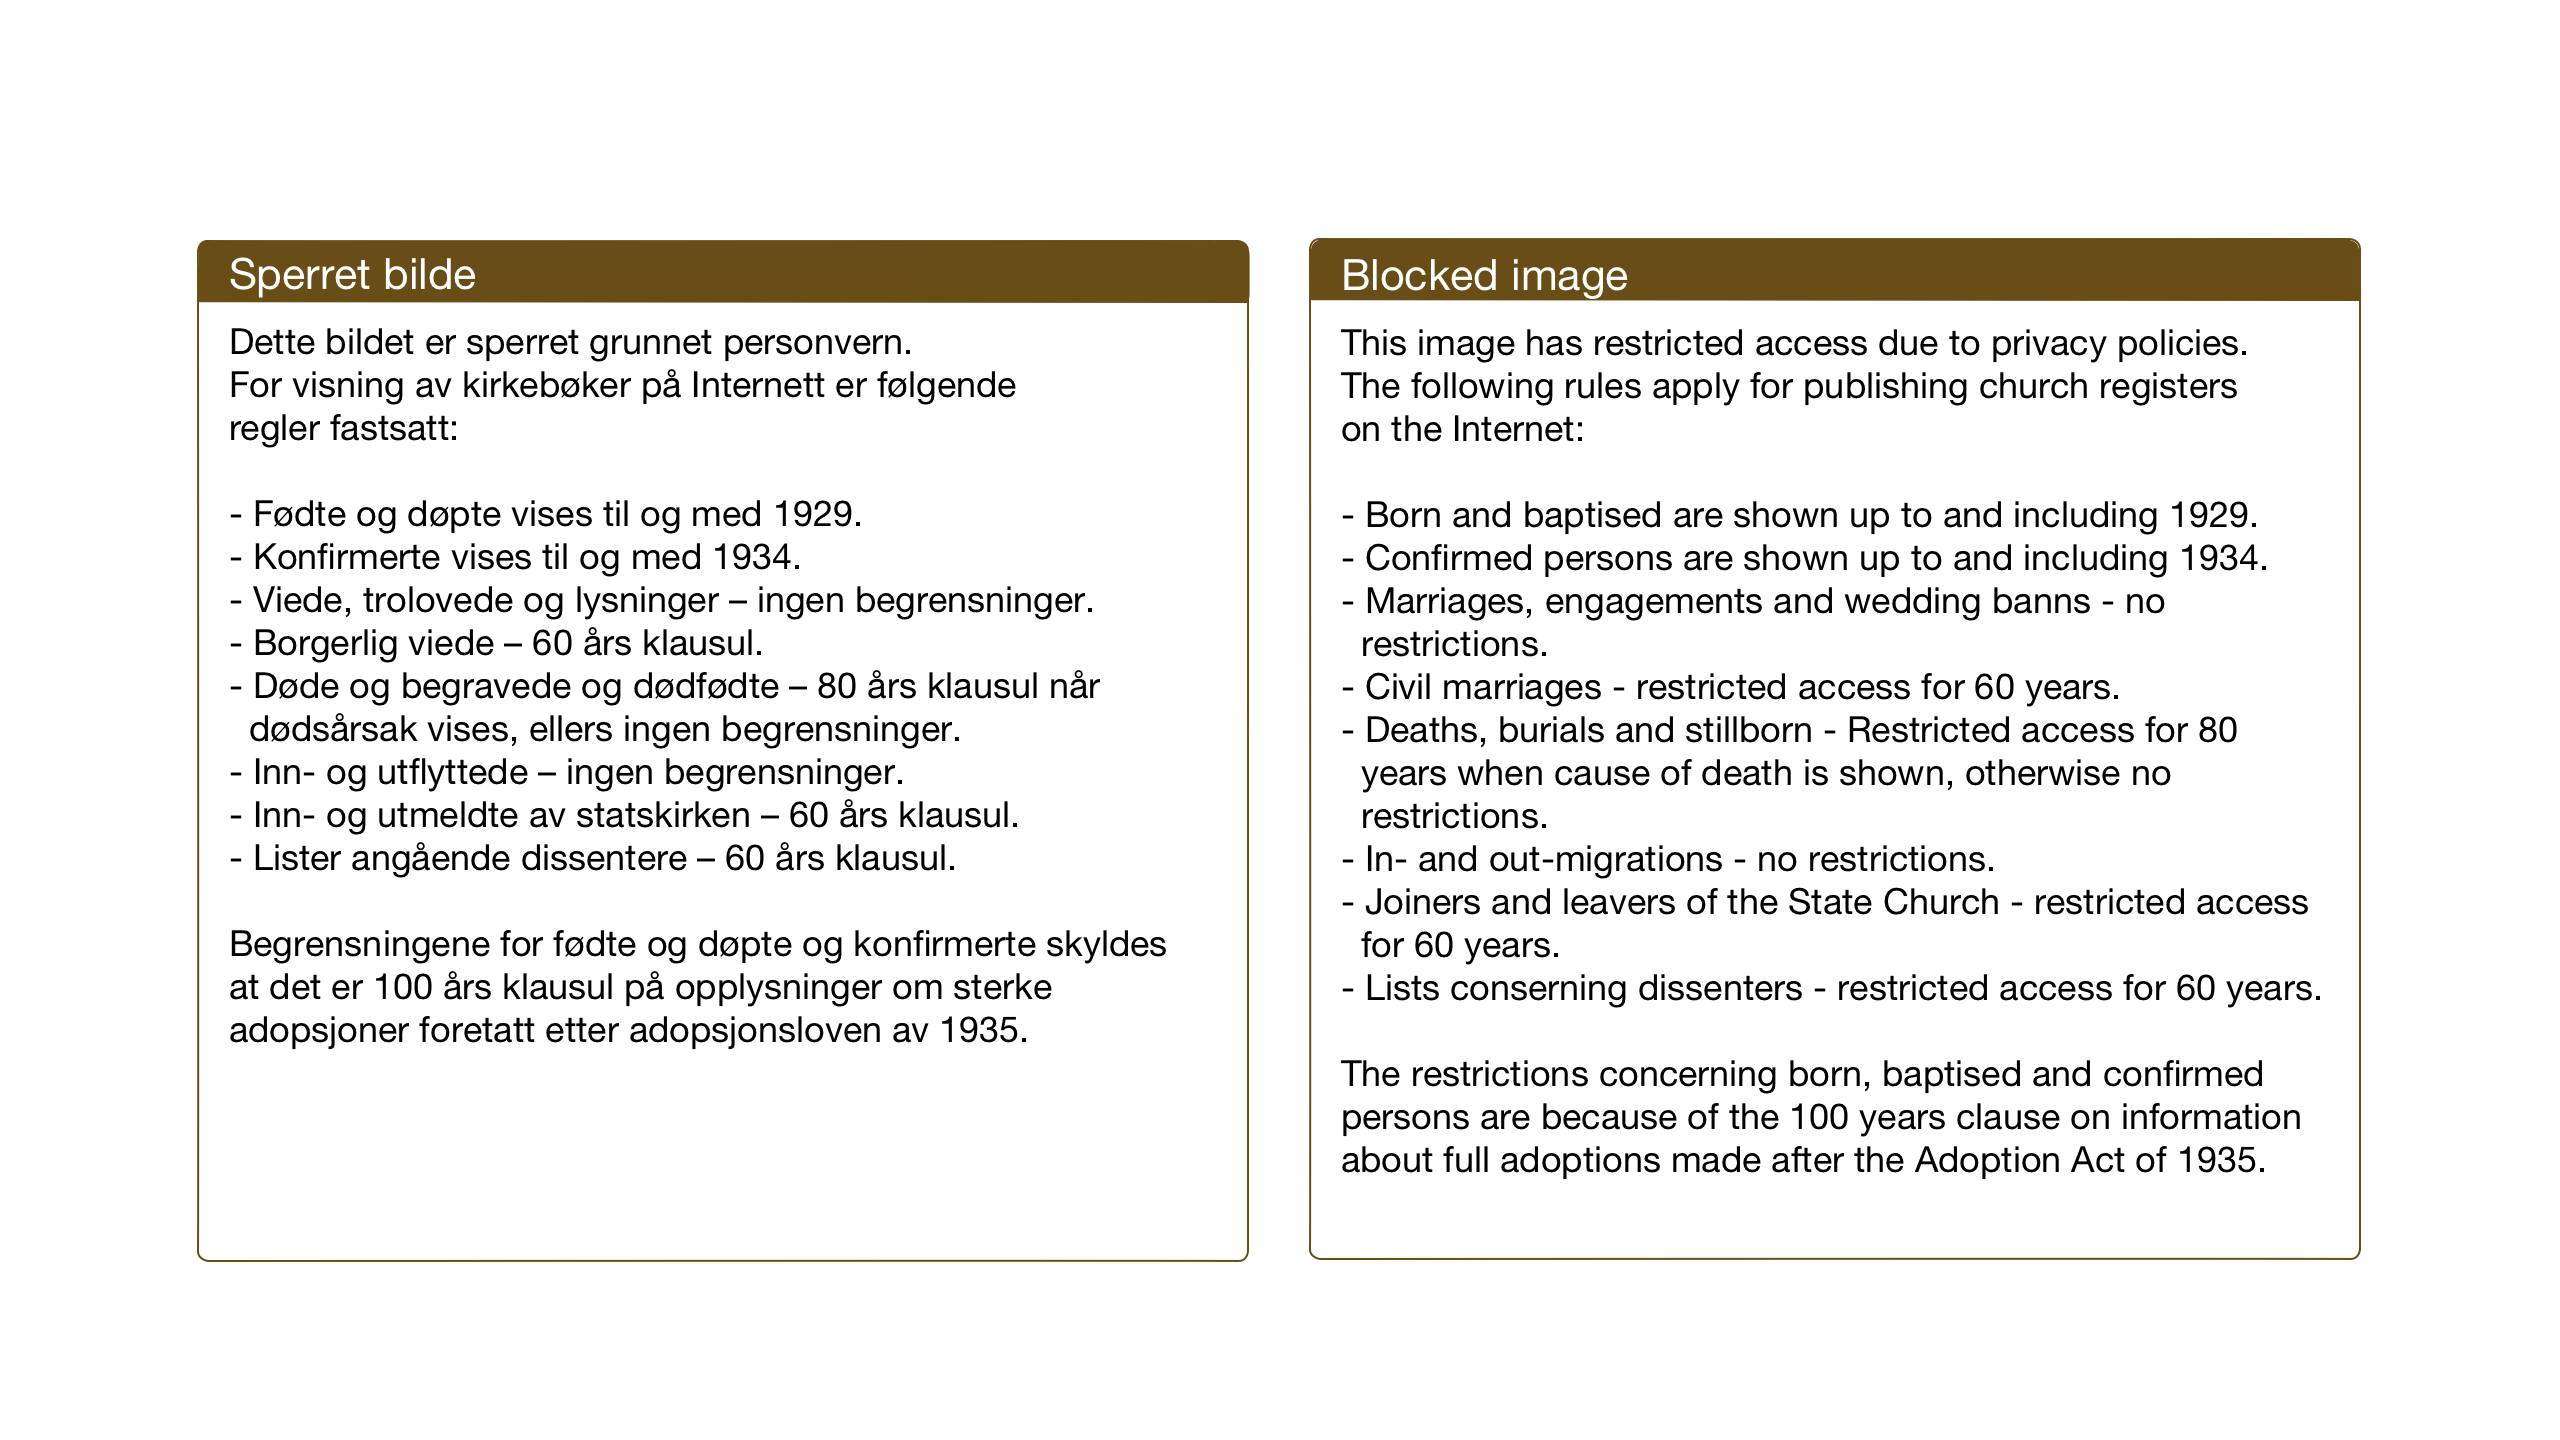 SAT, Ministerialprotokoller, klokkerbøker og fødselsregistre - Nord-Trøndelag, 714/L0136: Klokkerbok nr. 714C05, 1918-1957, s. 223